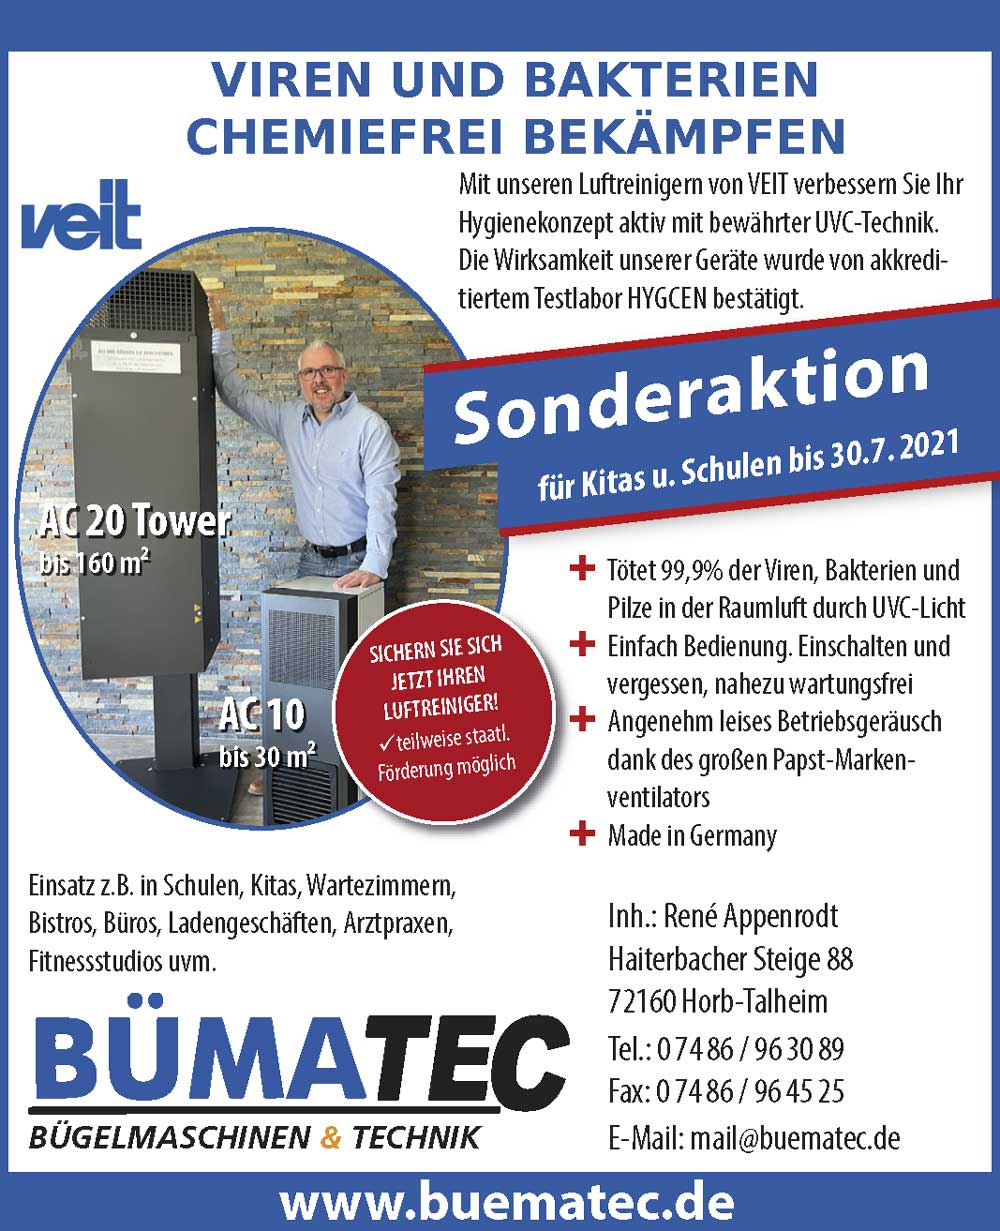 Bümatec Luftreiniger AC10 und AC20